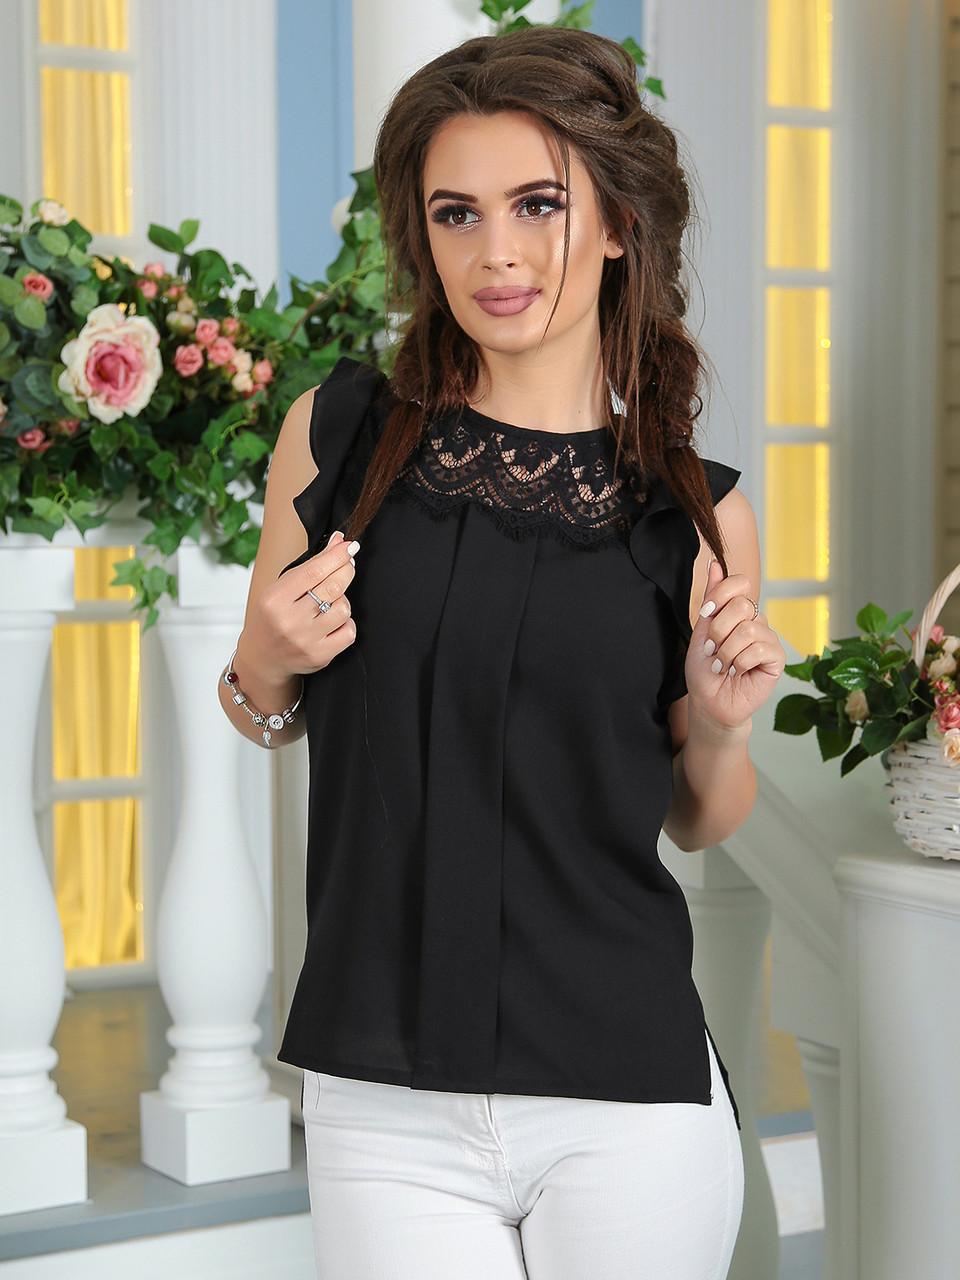 8a939fafb57 Летняя Блузка с кружевом черная - LILIT ODESSA оптово-розничный магазин  женской одежды в Одессе